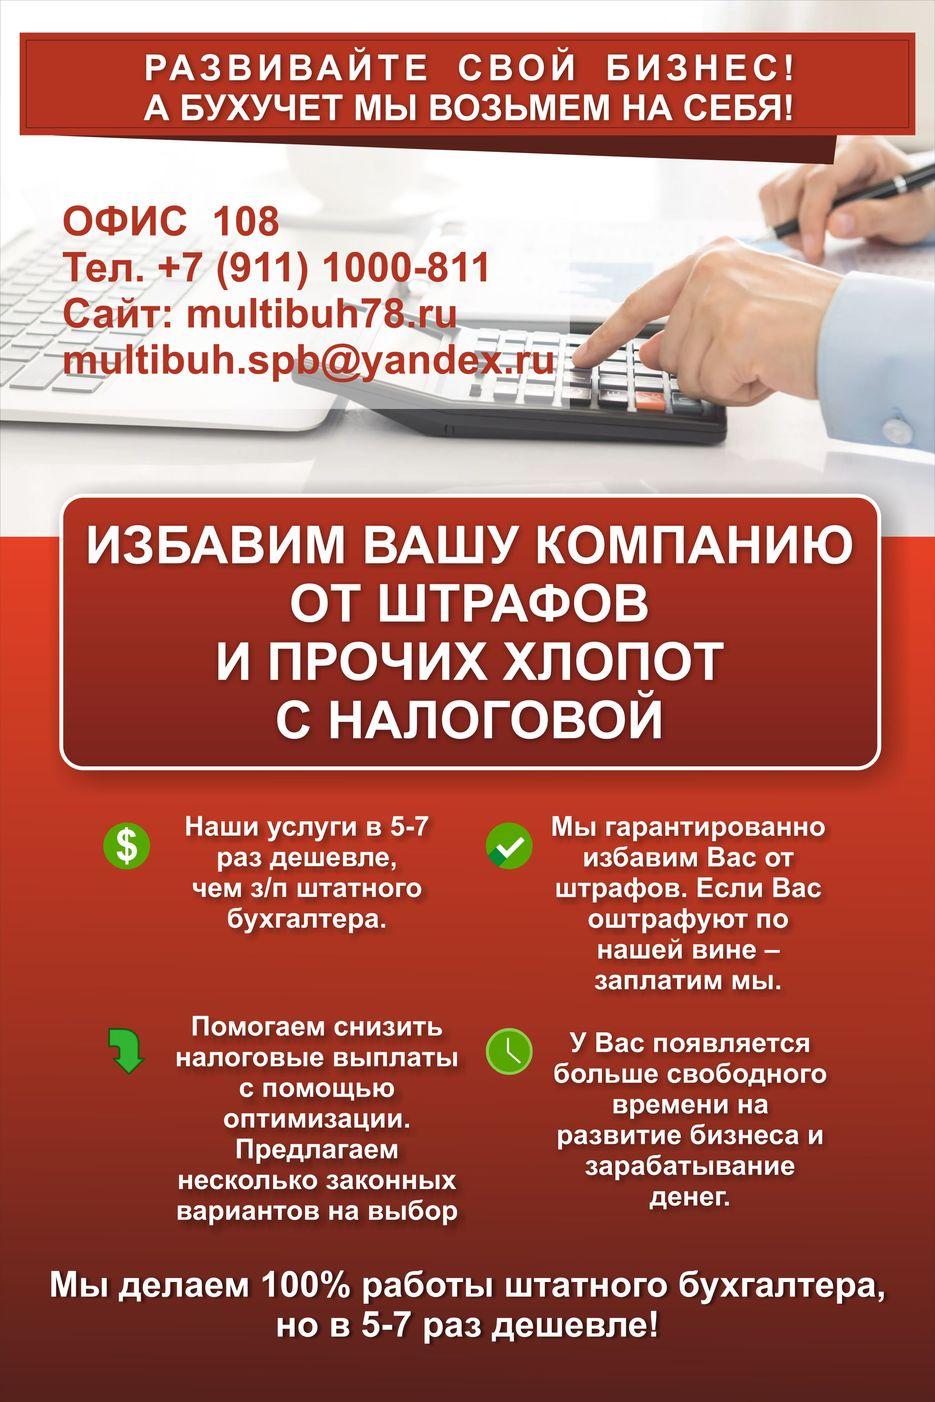 эффективная реклама для бухгалтерских услуг